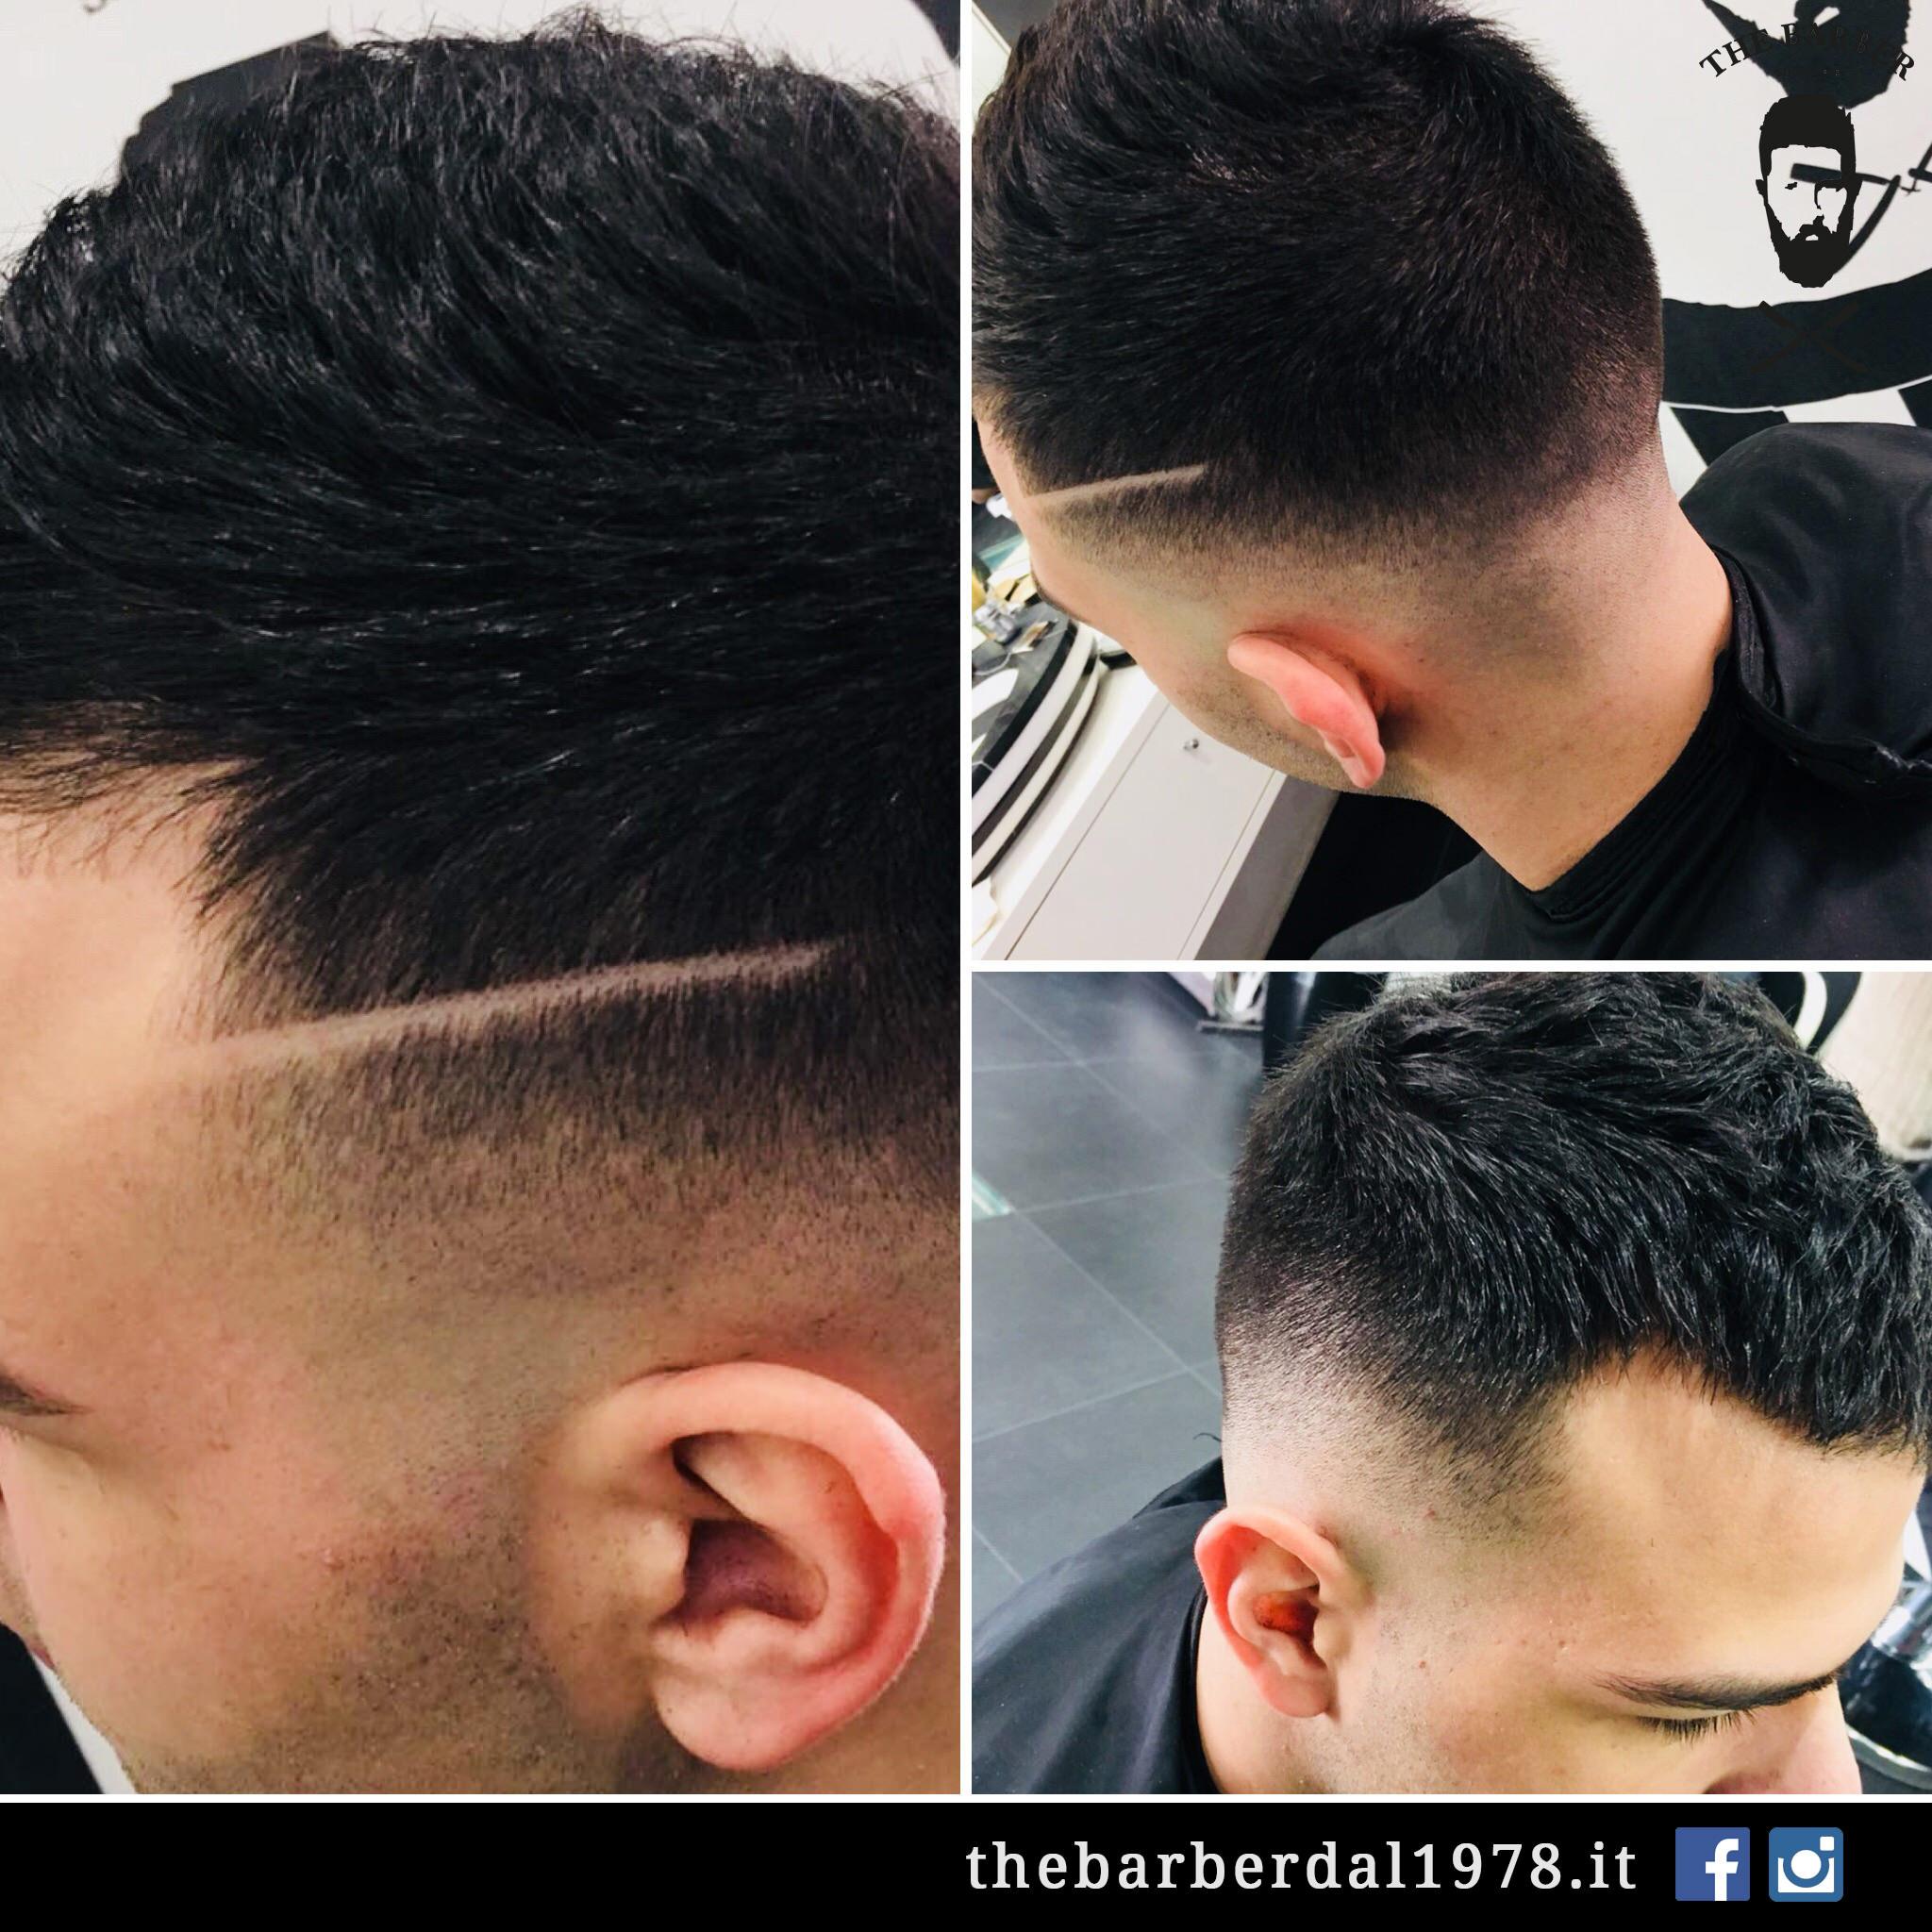 barbiere-parrucchiere-rossano-corigliano-cosenza-2-6